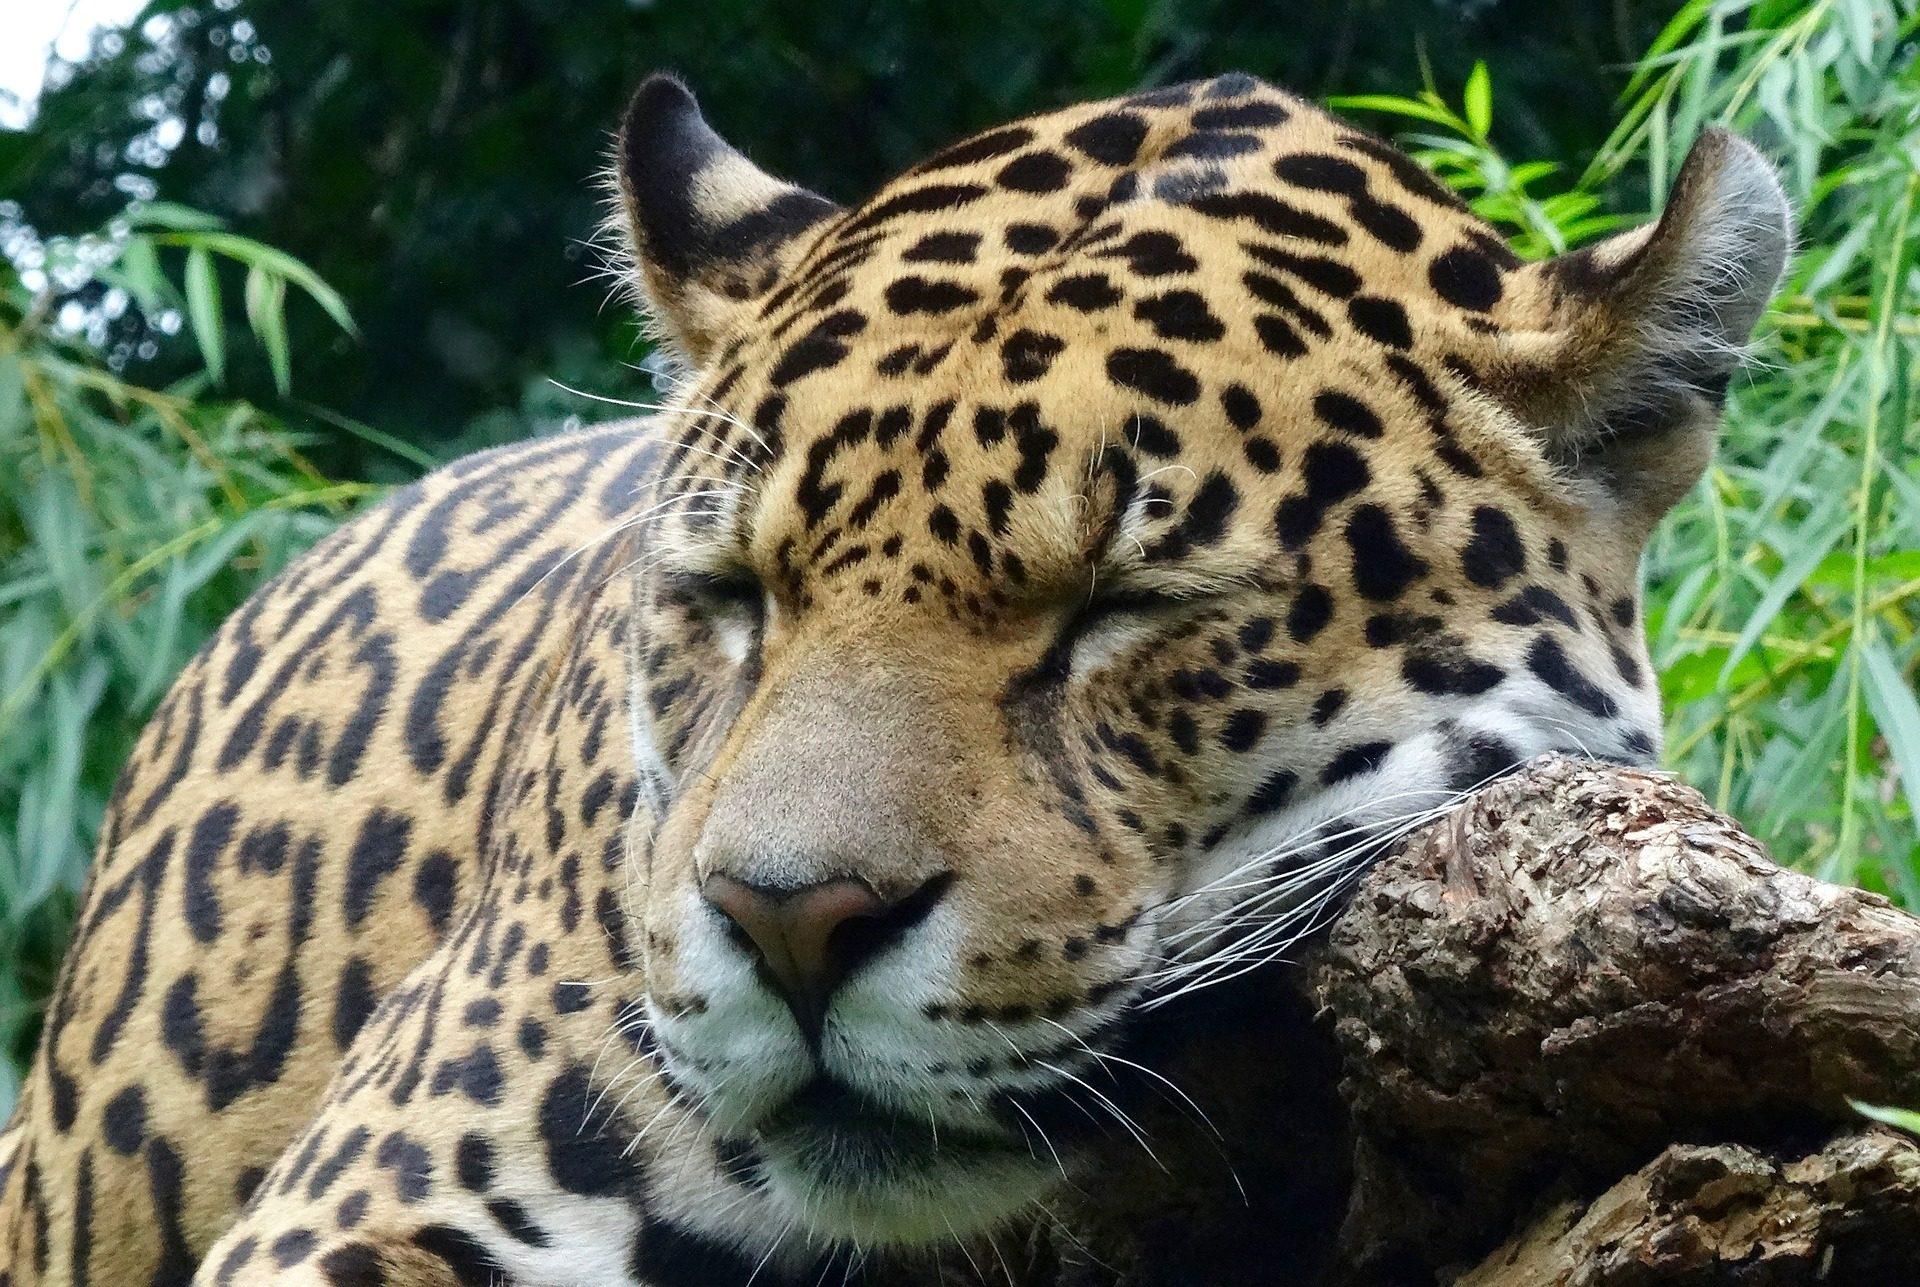 onça-pintada, felino, Predador, dormindo, descanso, jardim zoológico - Papéis de parede HD - Professor-falken.com